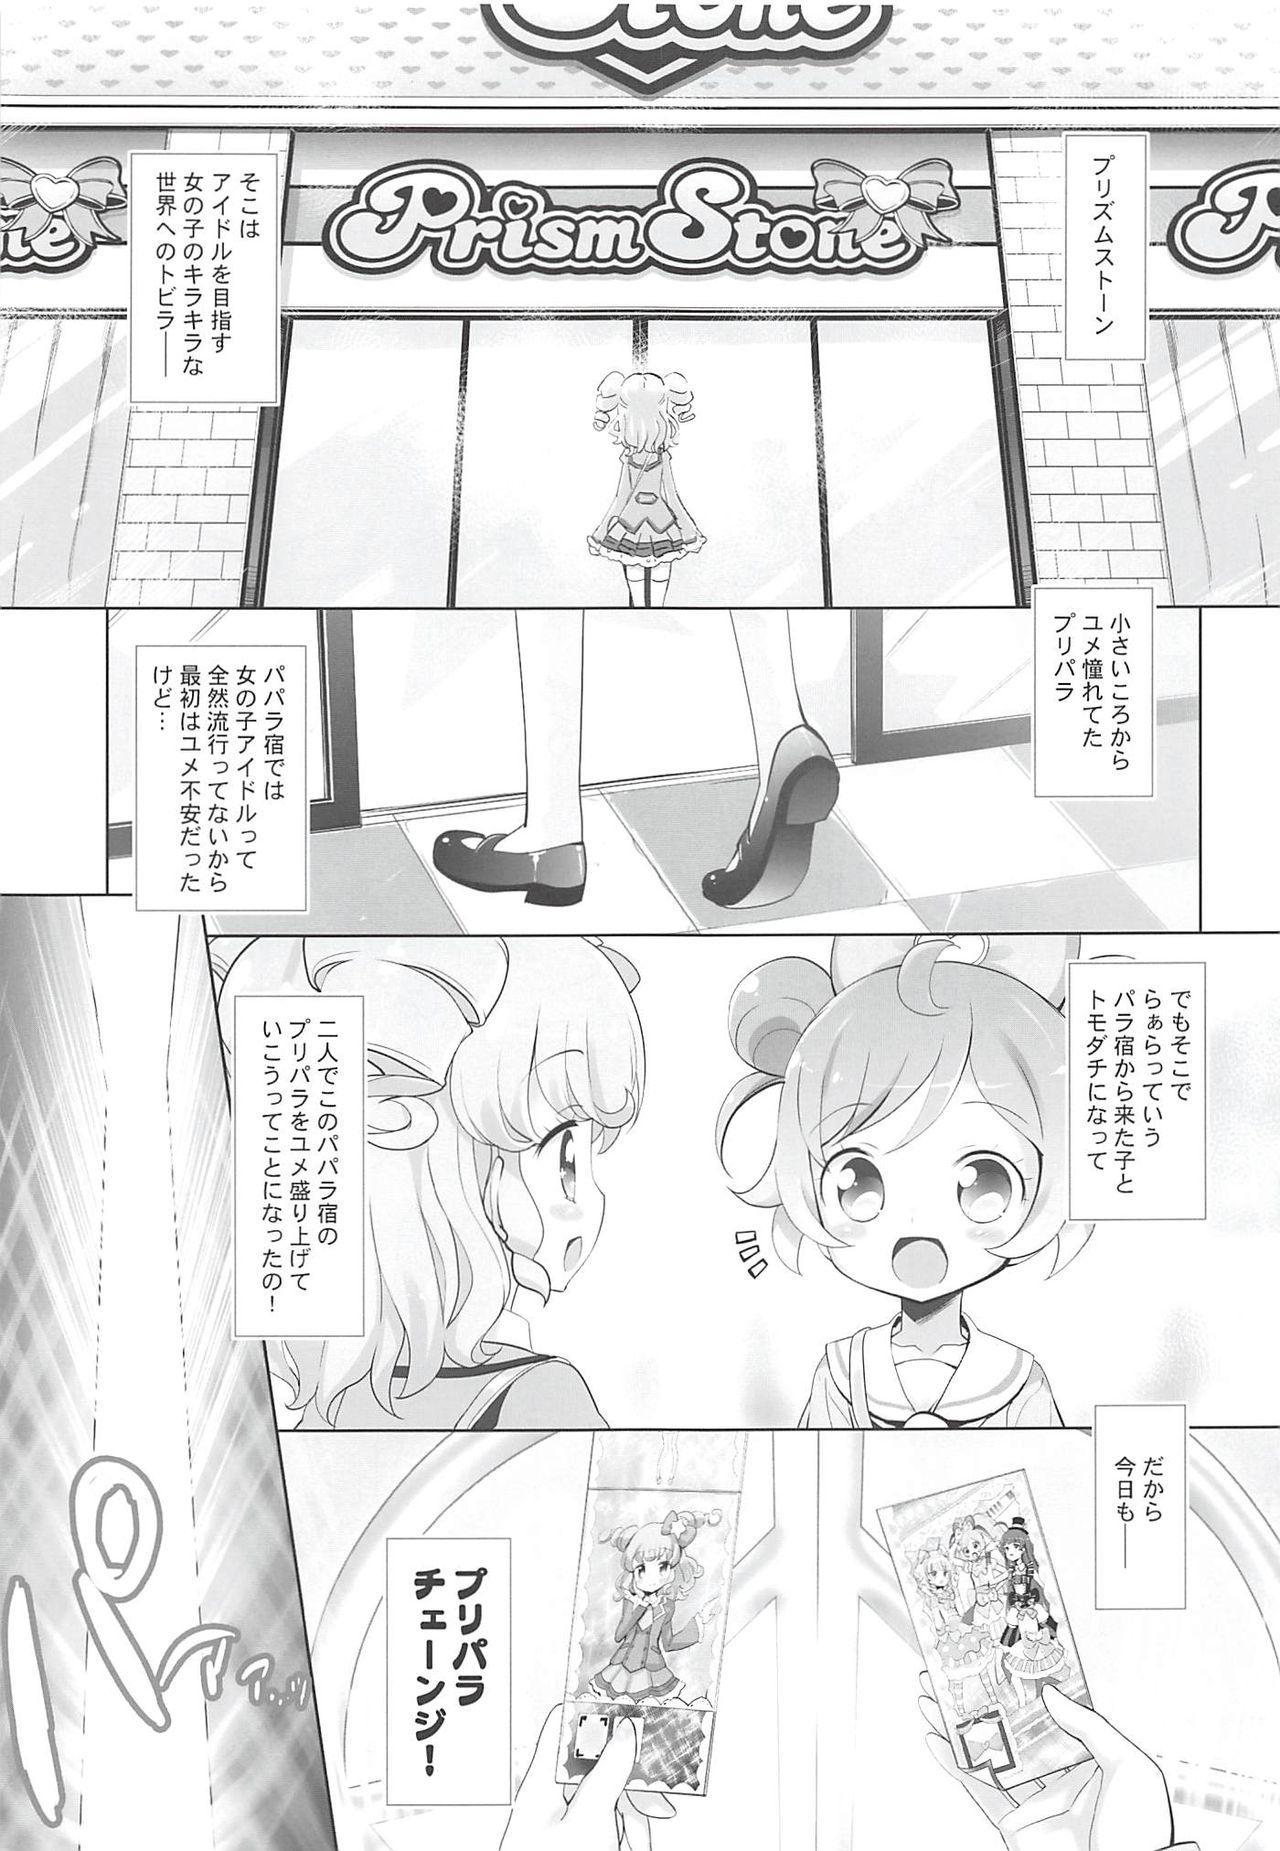 System Desukara Idol Time 3